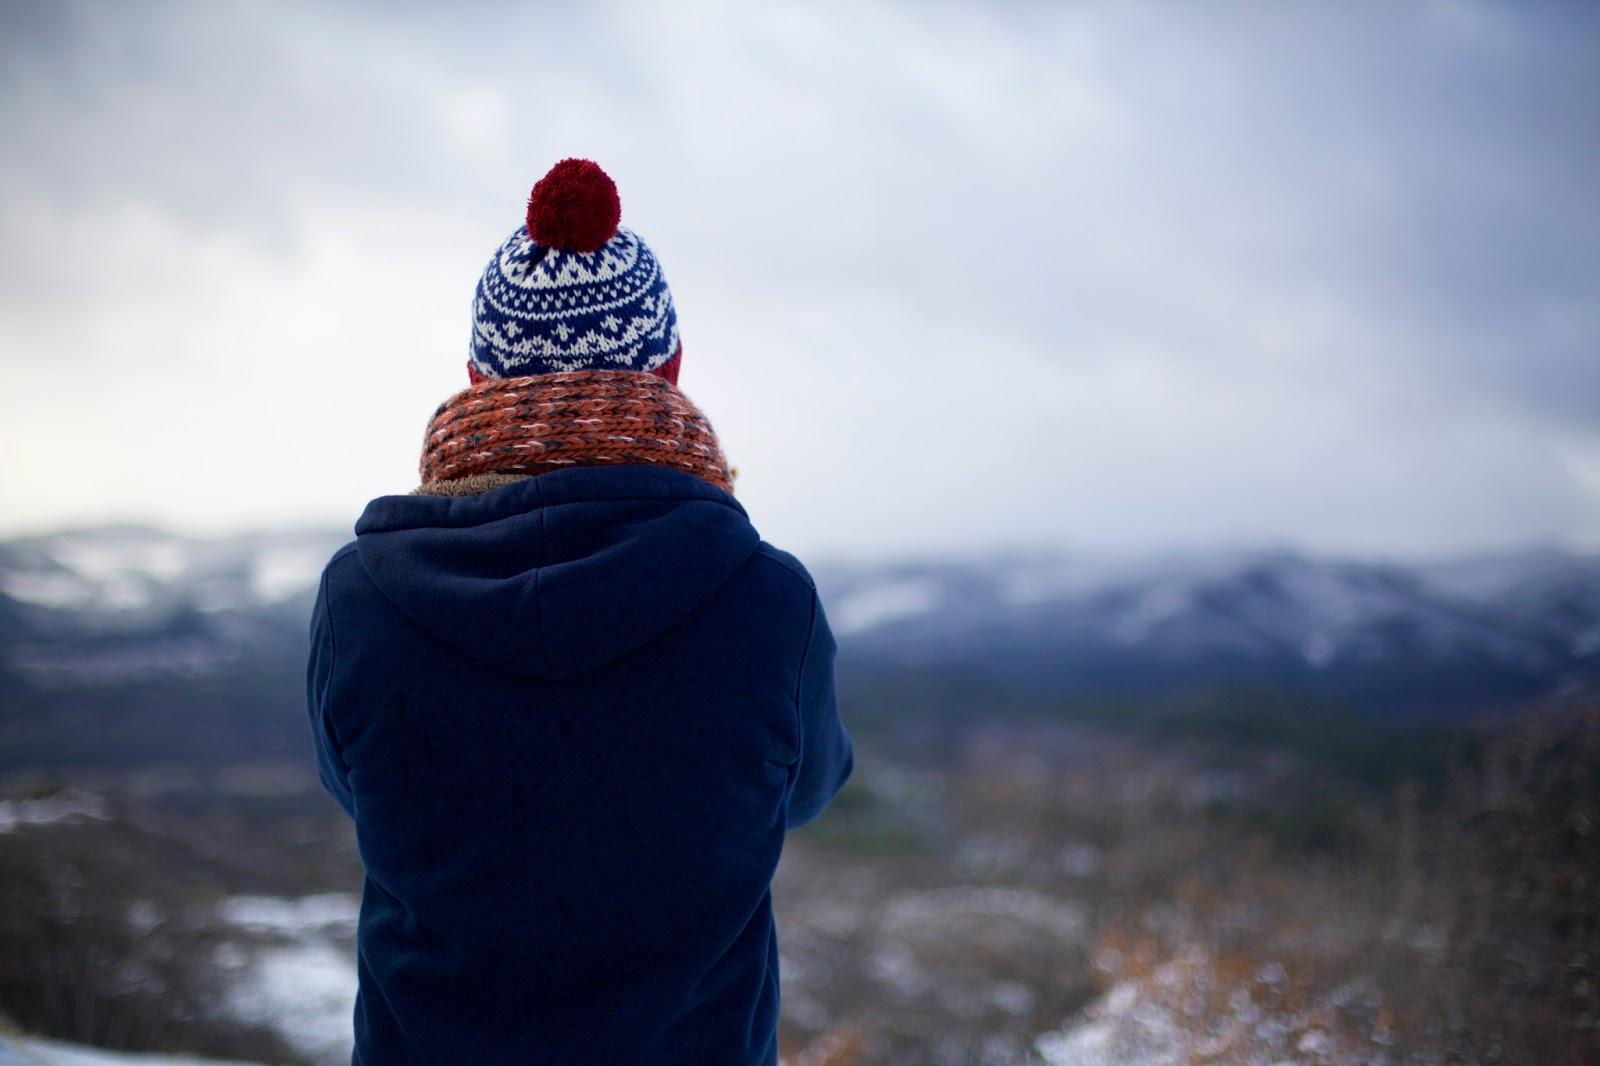 bieganie zimą, przerwa w bieganiu, gdy nie chce się biegać, mama biega